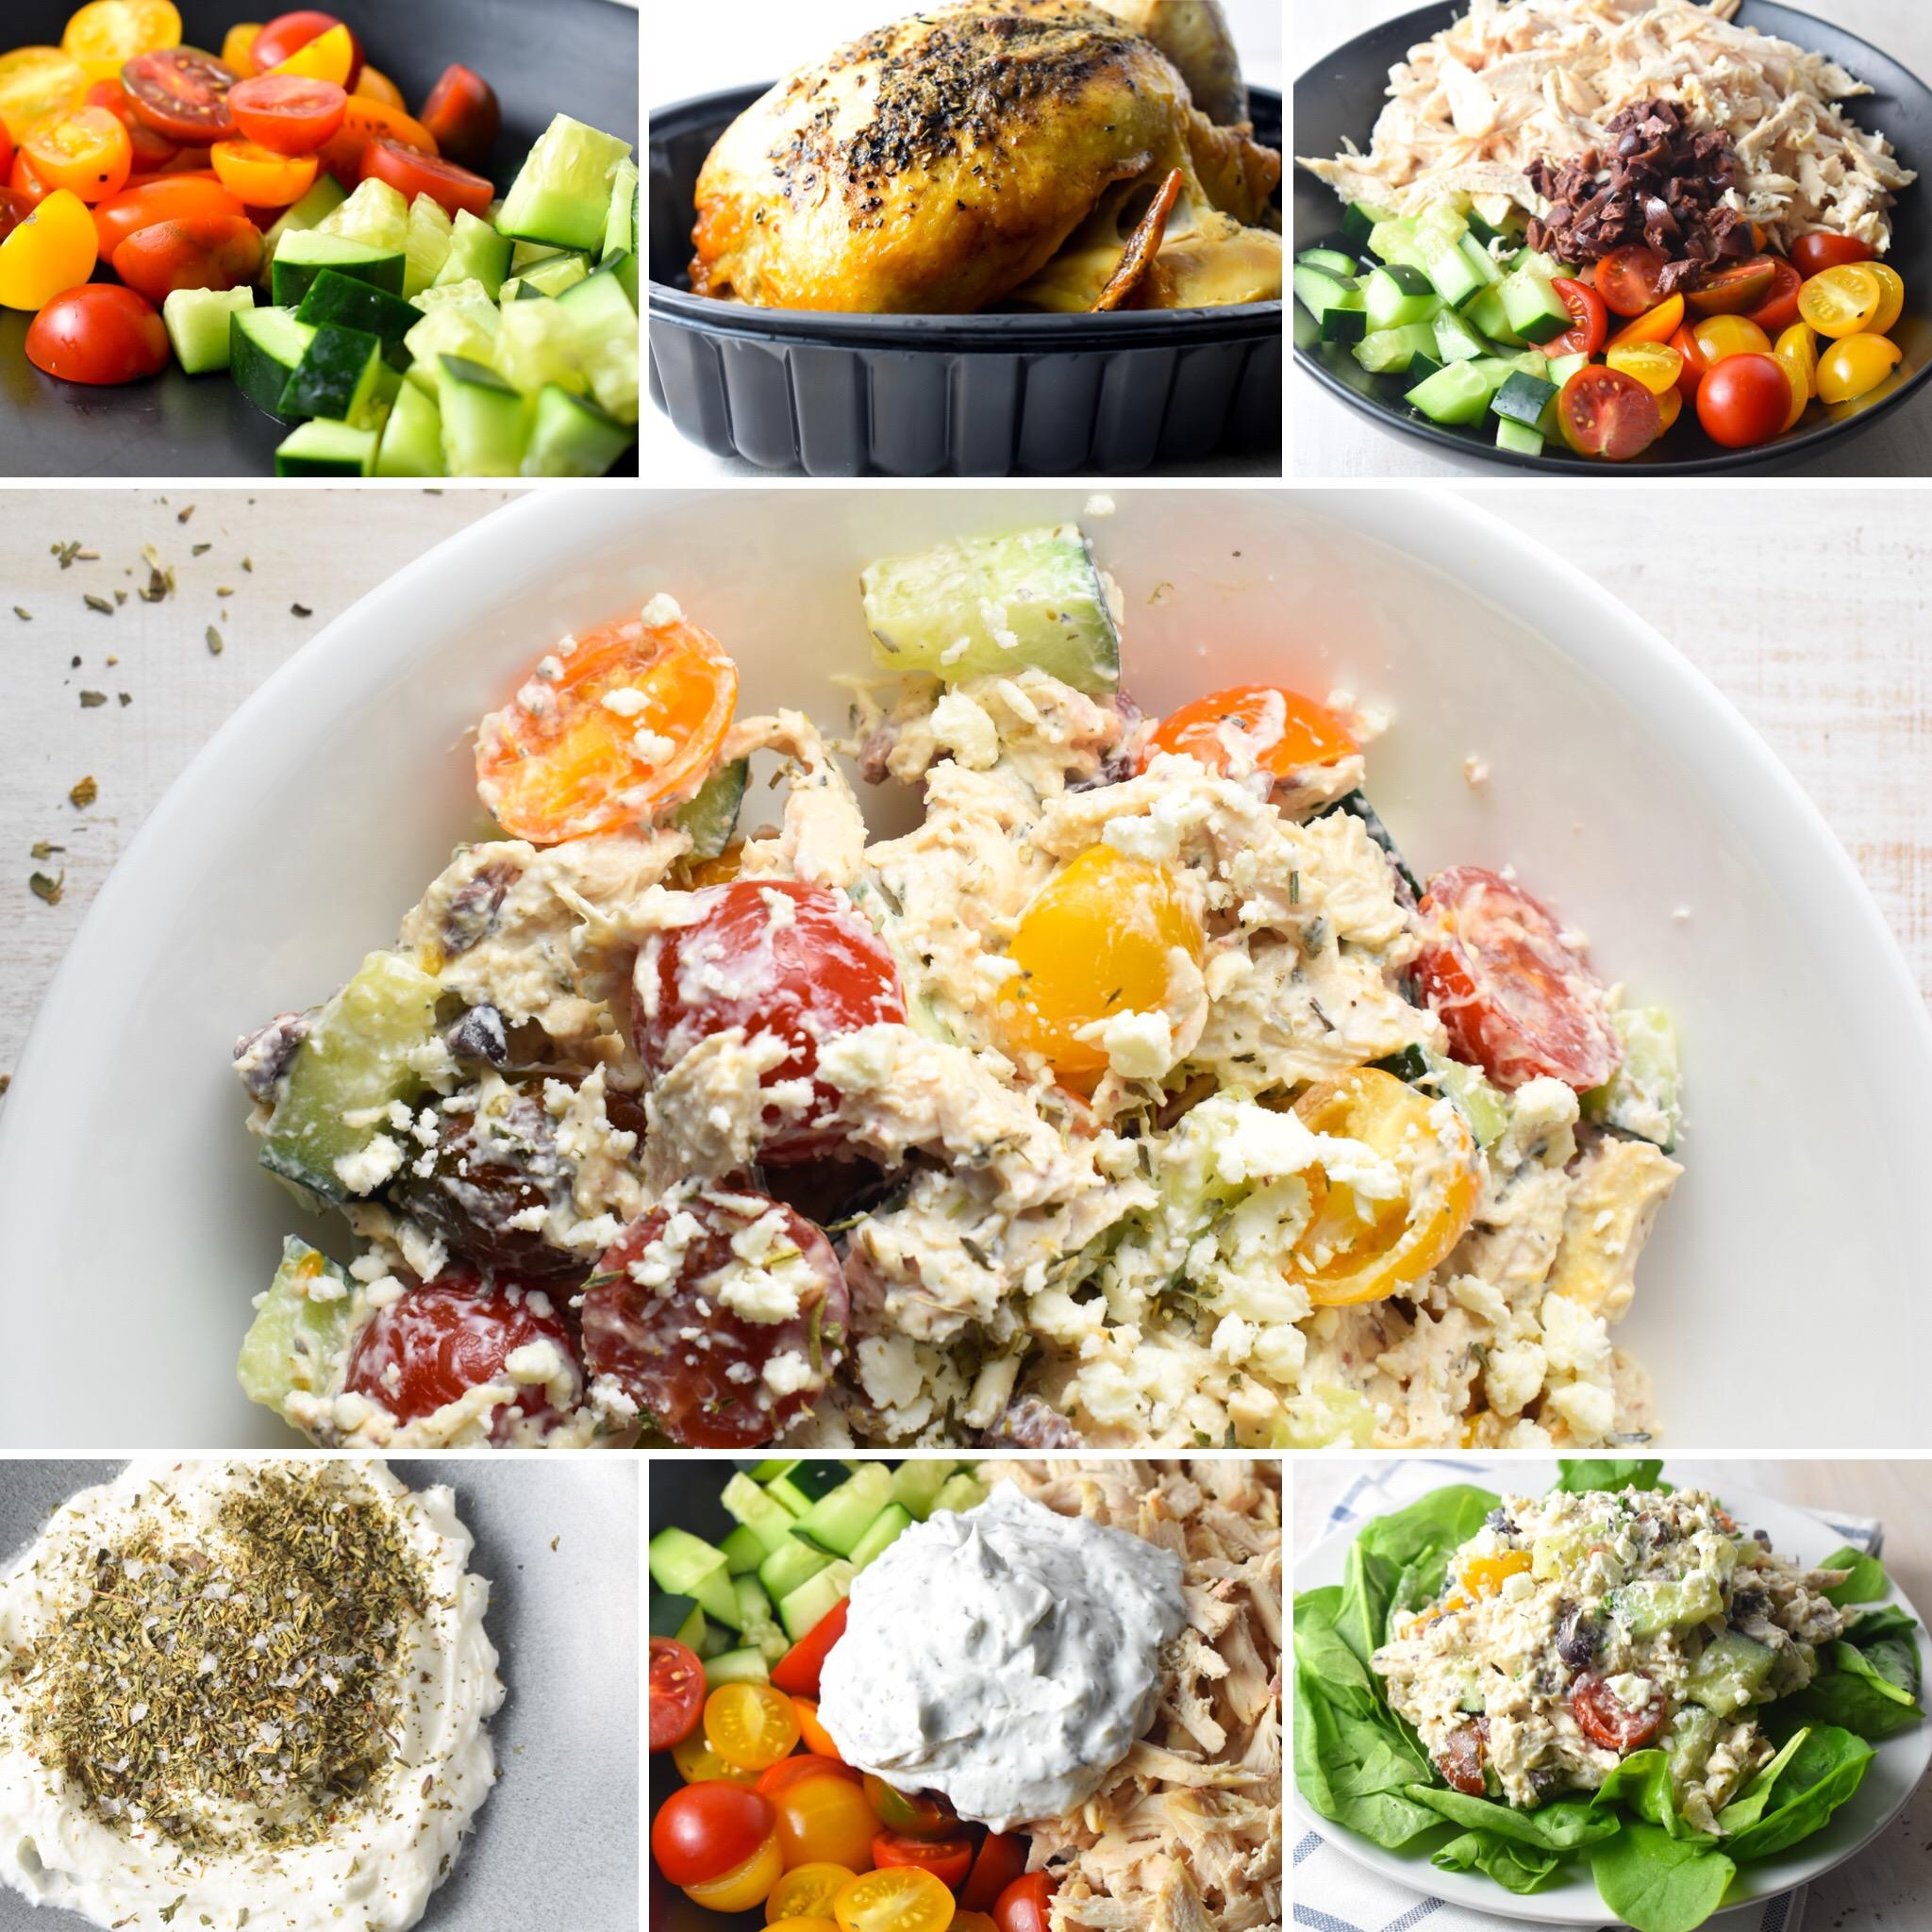 Greek Chicken Salad Collage Carolyn Williams, PhD, RD